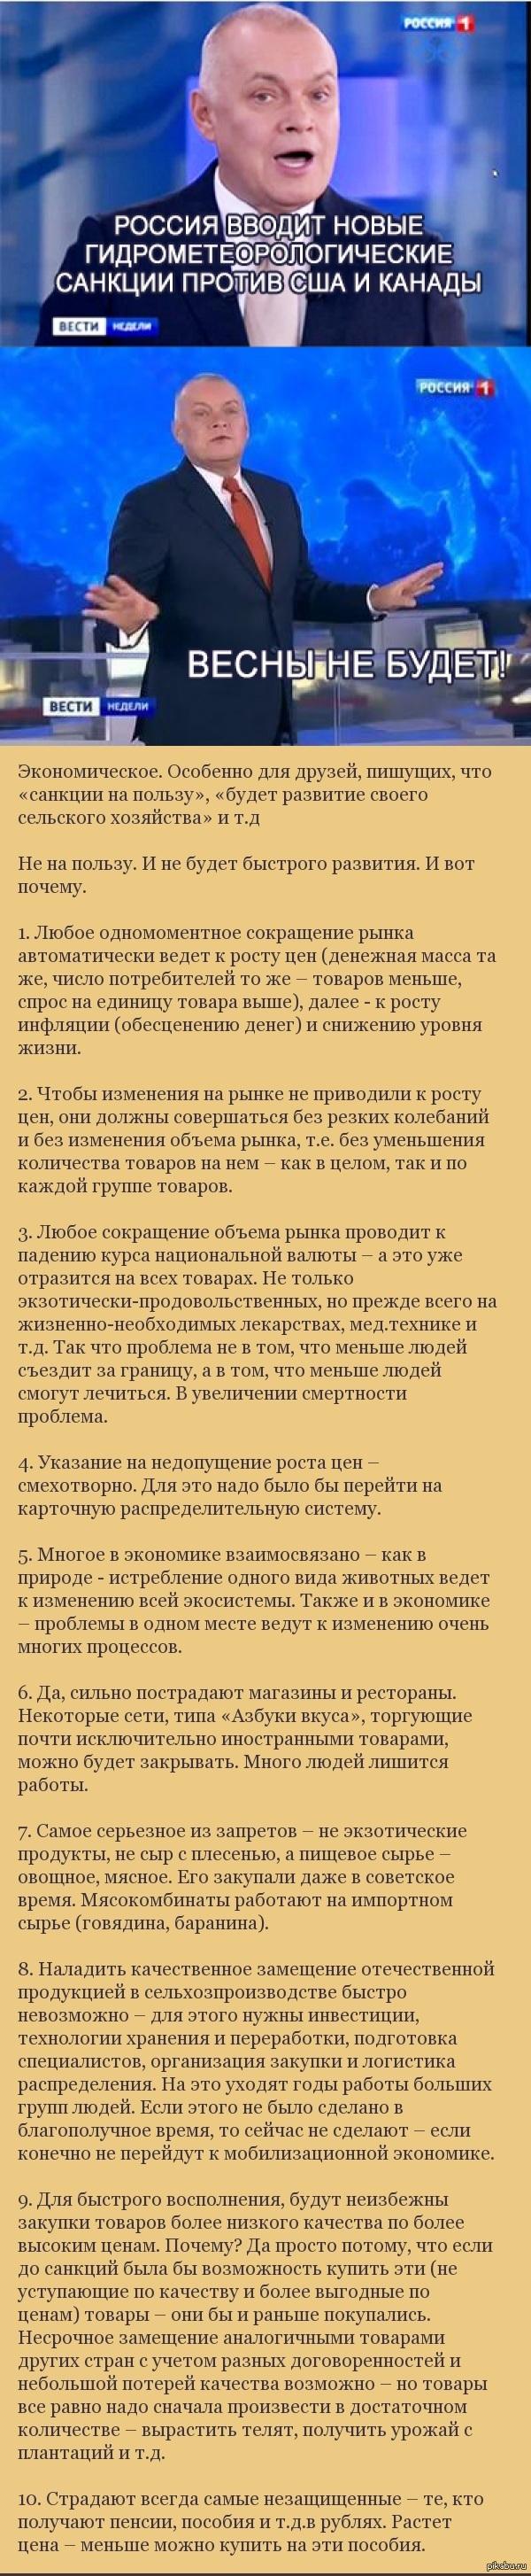 """Десять причин почему """"обратные санкции"""" не пойдут нам на пользу"""